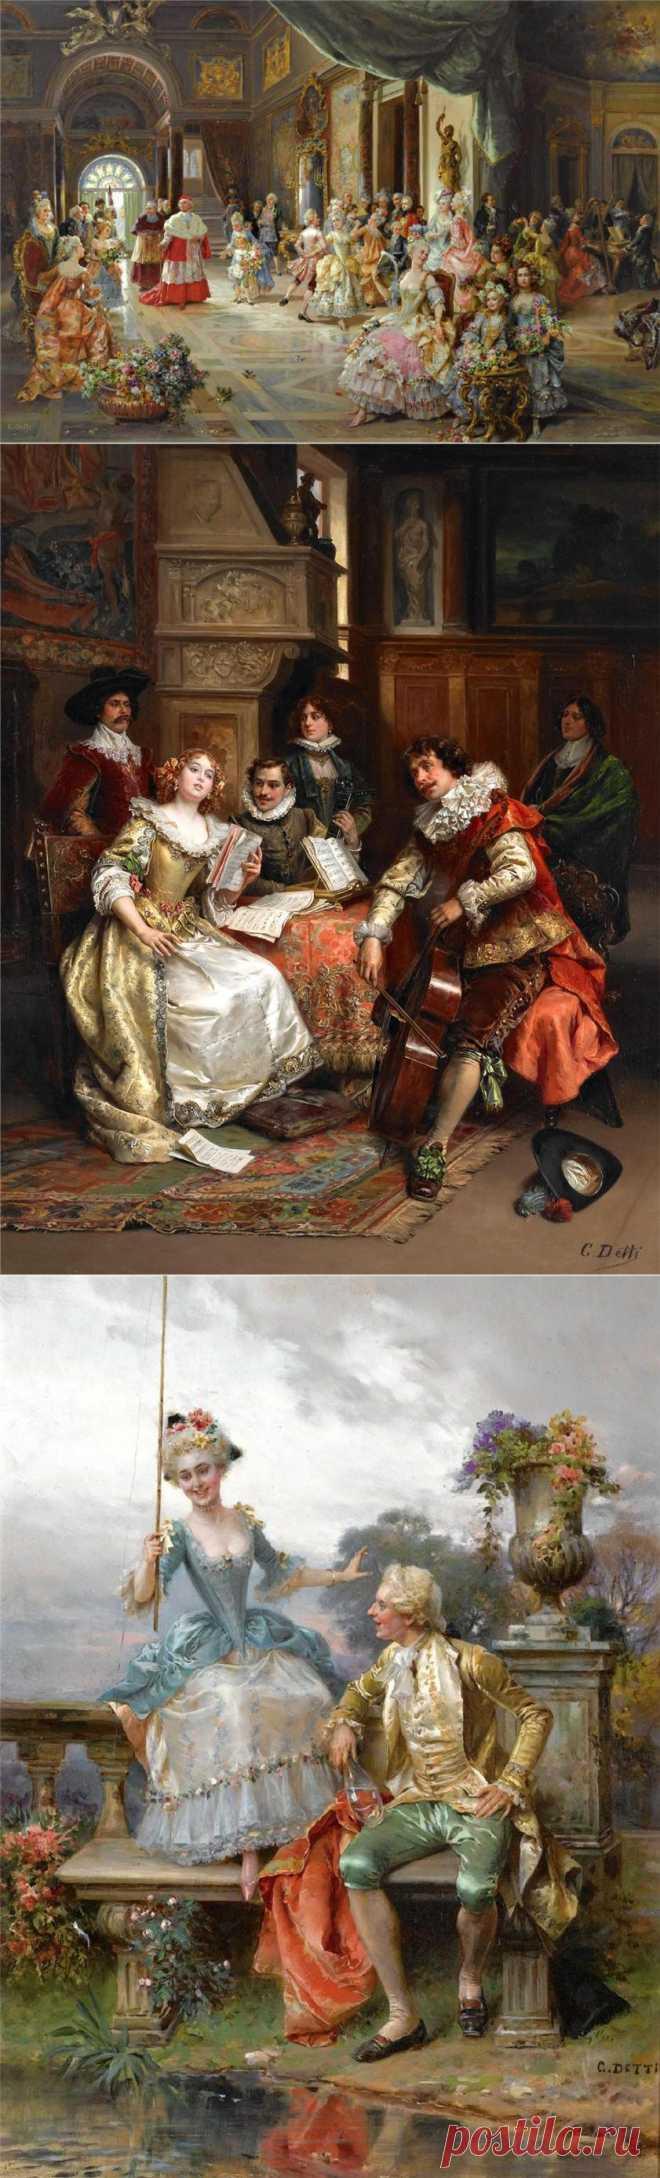 Итальянский художник Cesare Auguste Detti..